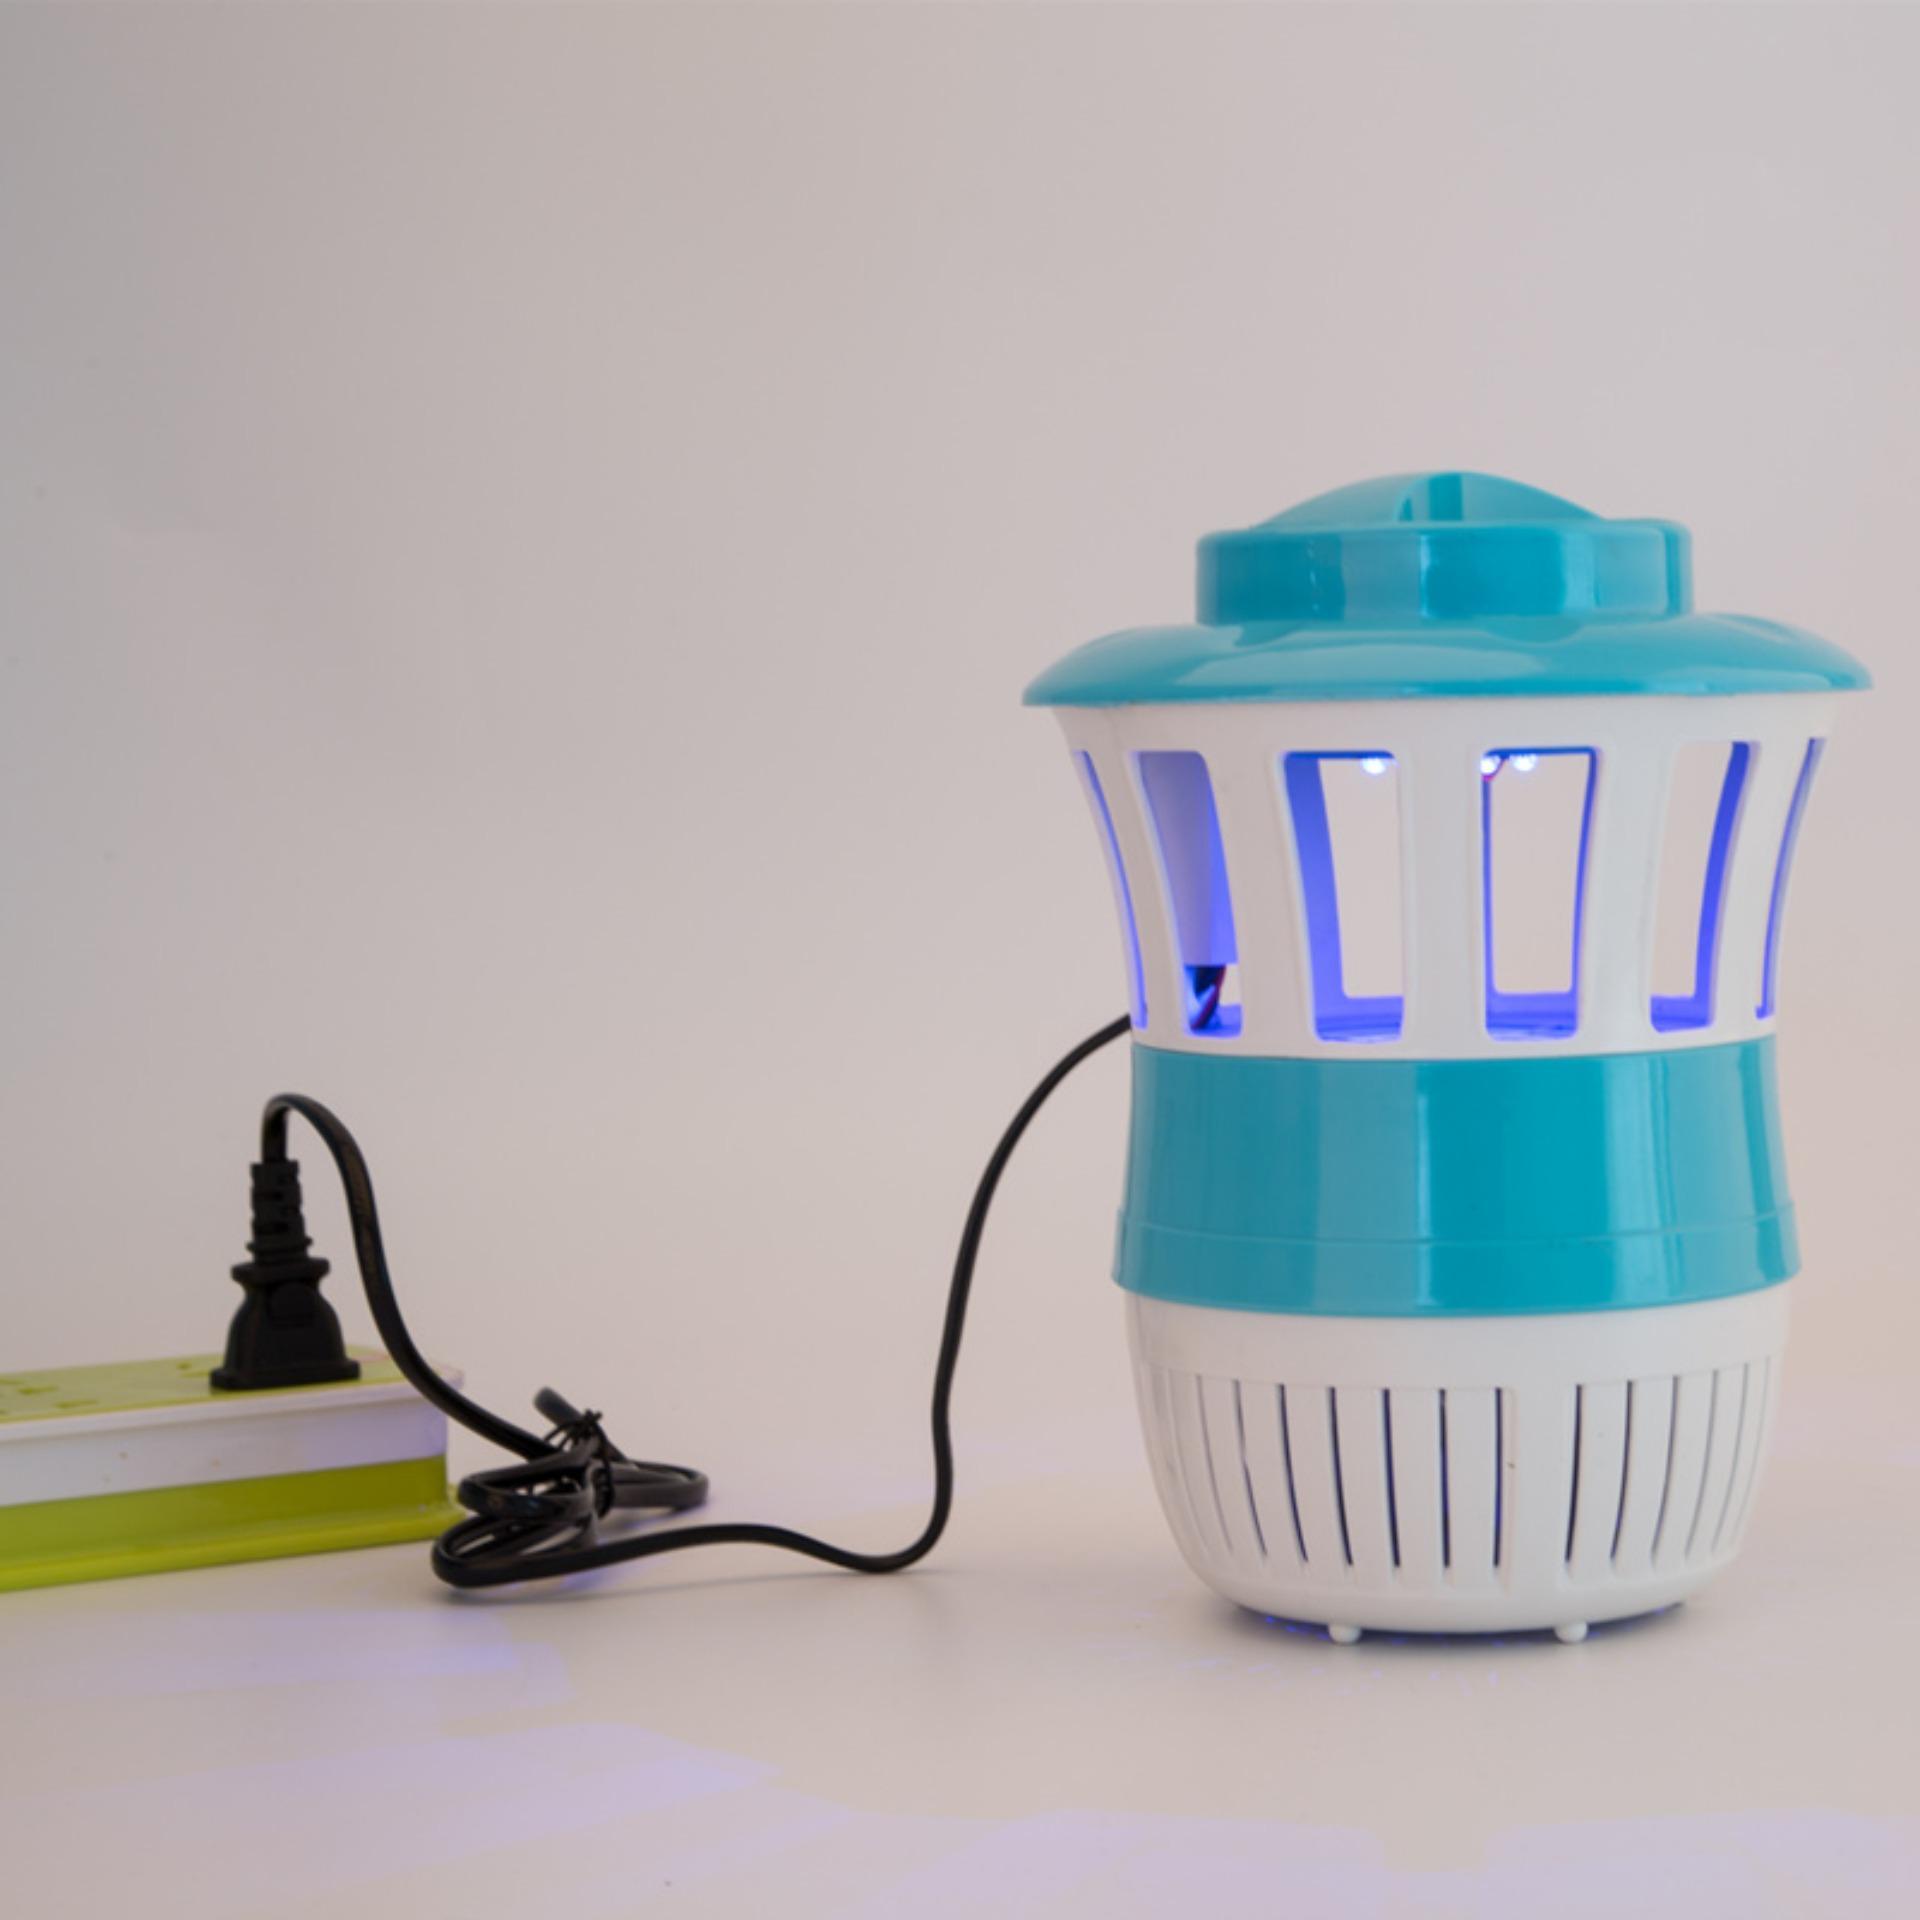 Máy Thu Hút Muỗi- Đèn Bắt Muỗi E9 có thể để ở mọi nơi trong căn nhà của bạn giúp bảo vệ sức khỏe cả gia đình - Mua ngay hôm nay để được GIẢM 50% chỉ có tại Siêu Mua Nhanh- Mã BH 514